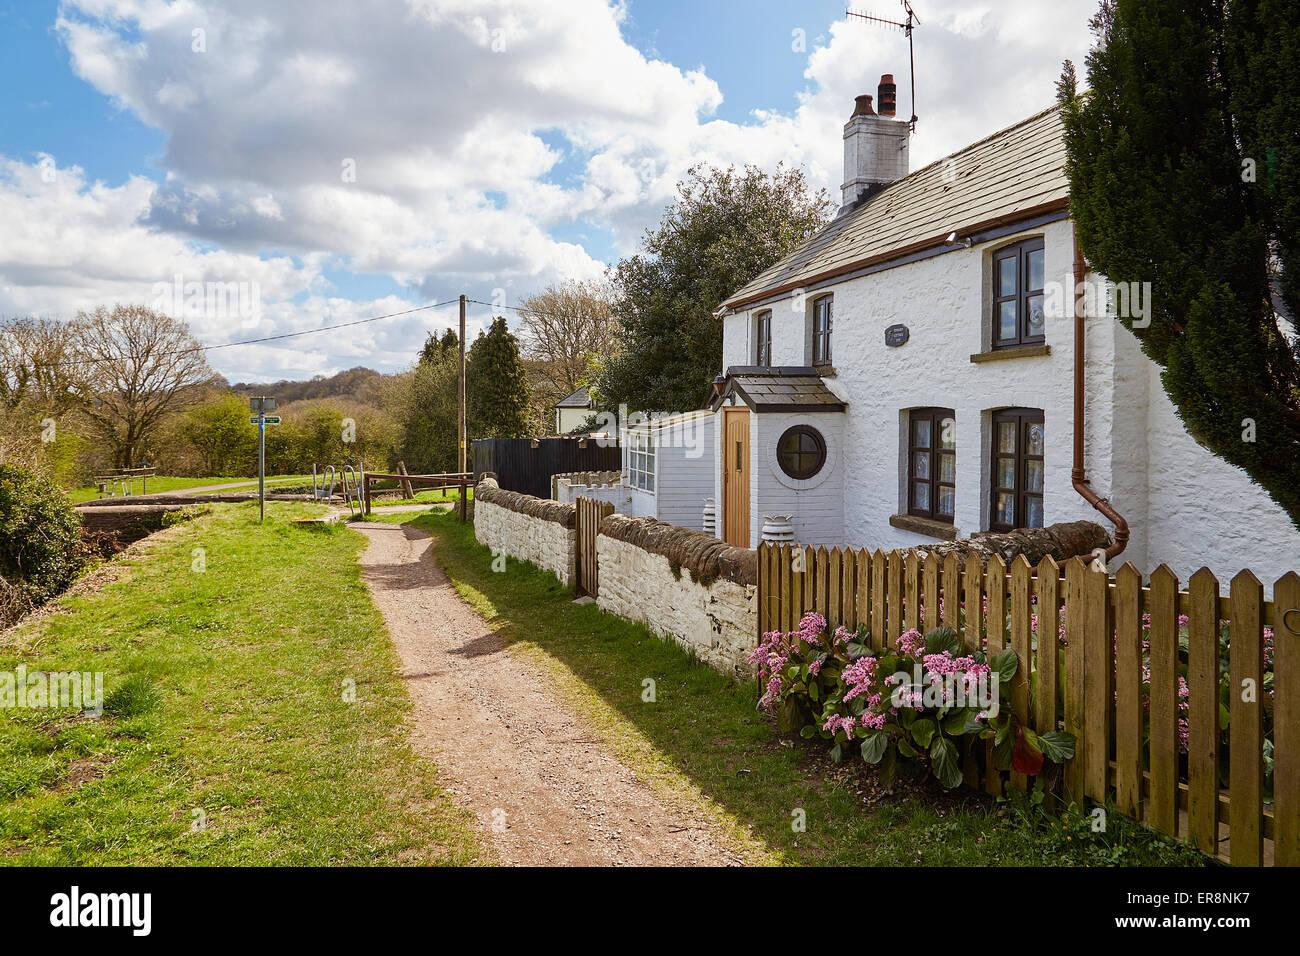 Pensarn Cottage, de fecha 1792, situado junto a los 14 bloqueos en Brecon,y,&,Monmouthshire,canal,Newport, South Imagen De Stock